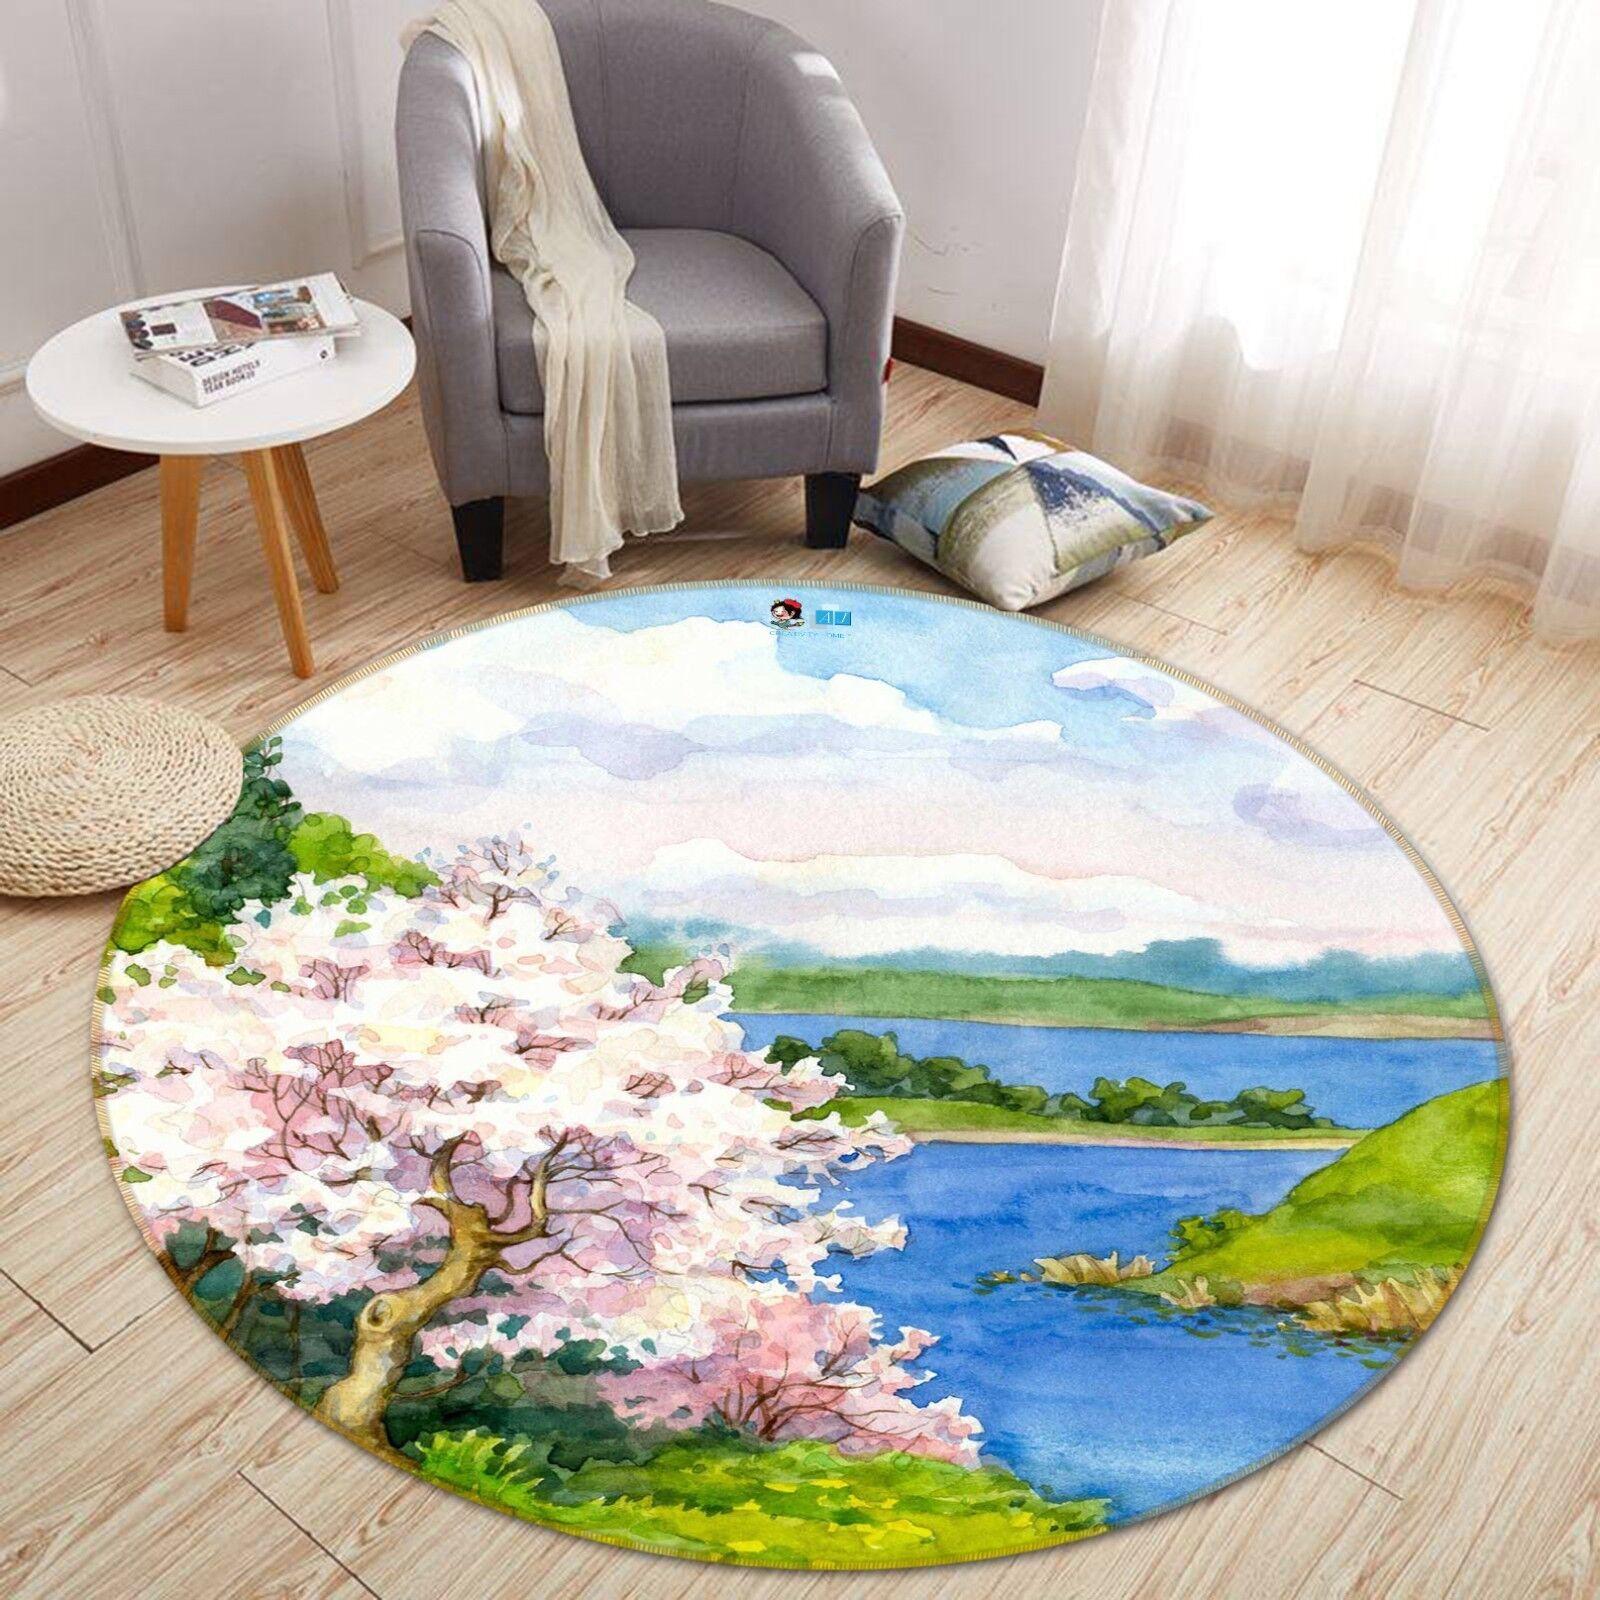 Tapis de tapis de tapis de tapis de tapis de tapis de la fleur 3D 3D qualité ronde élégante qualité tapis photo US